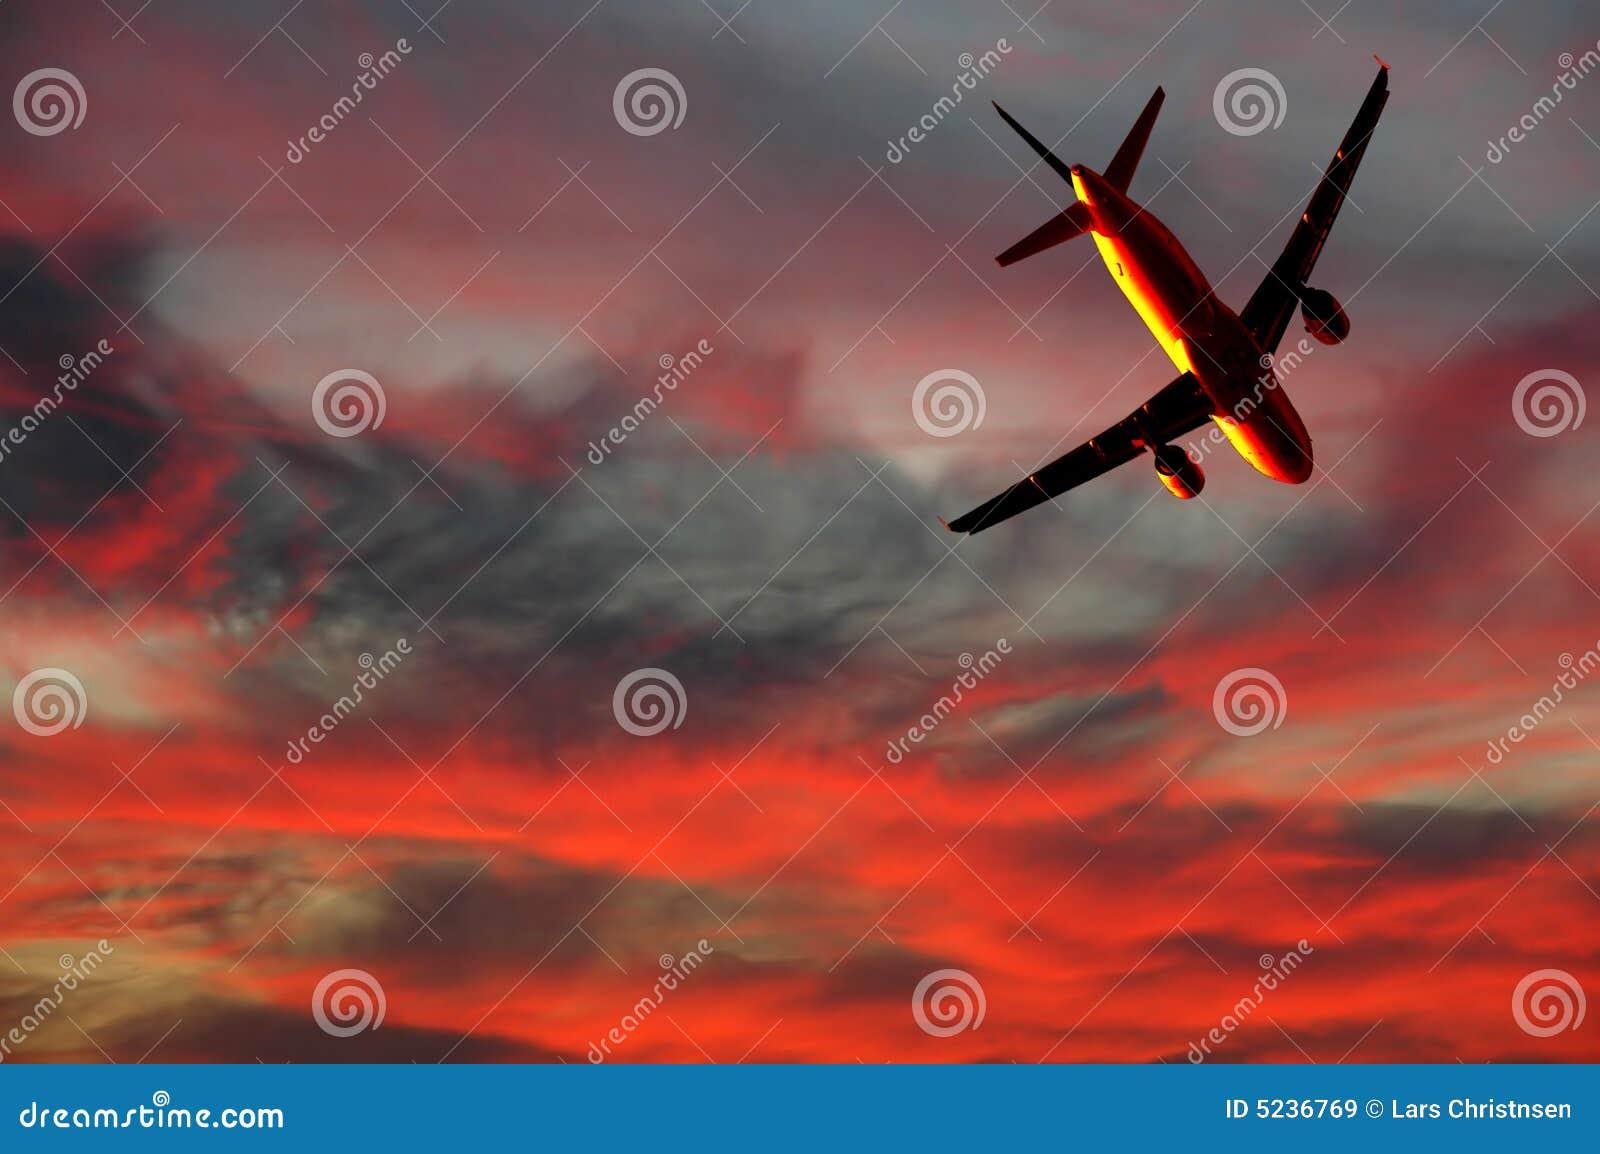 Flugzeugverkehr - Flugzeug und Sonnenuntergang